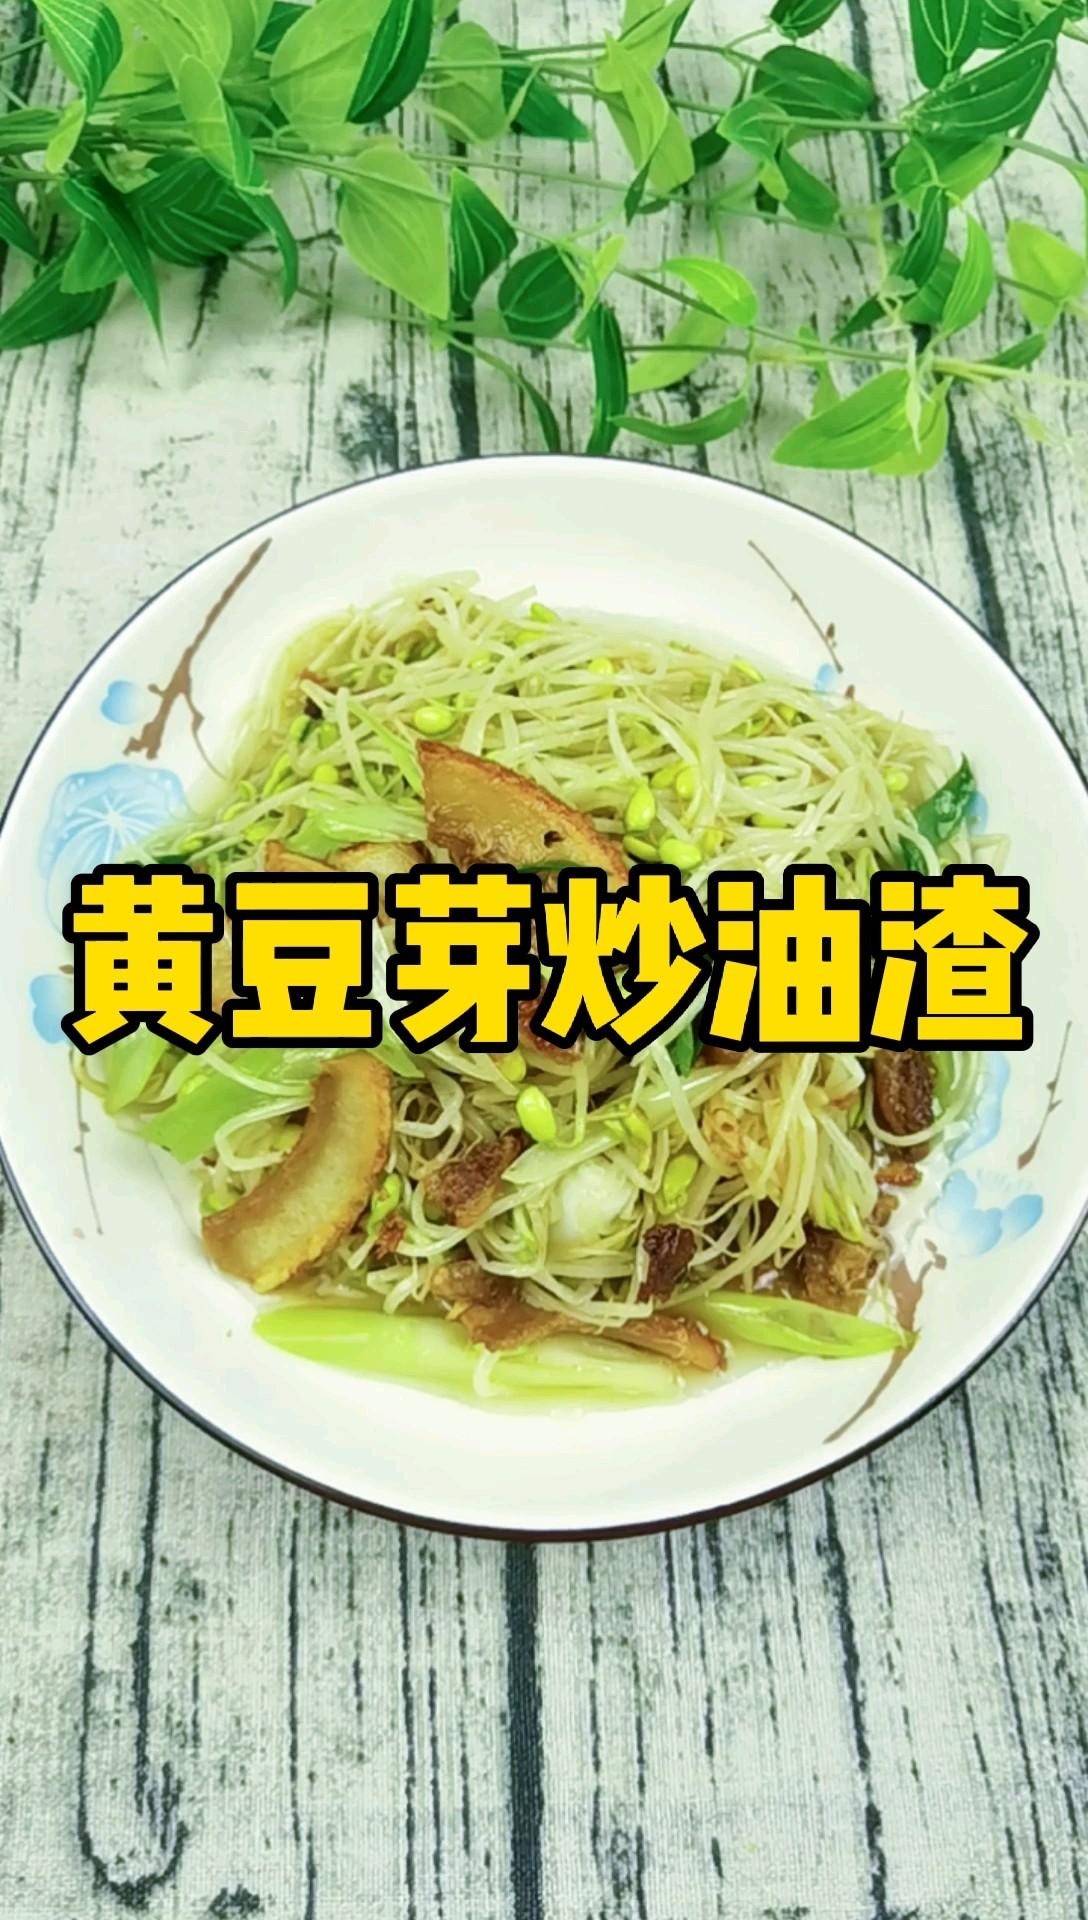 超下饭的家常小炒菜-黄豆芽炒油渣